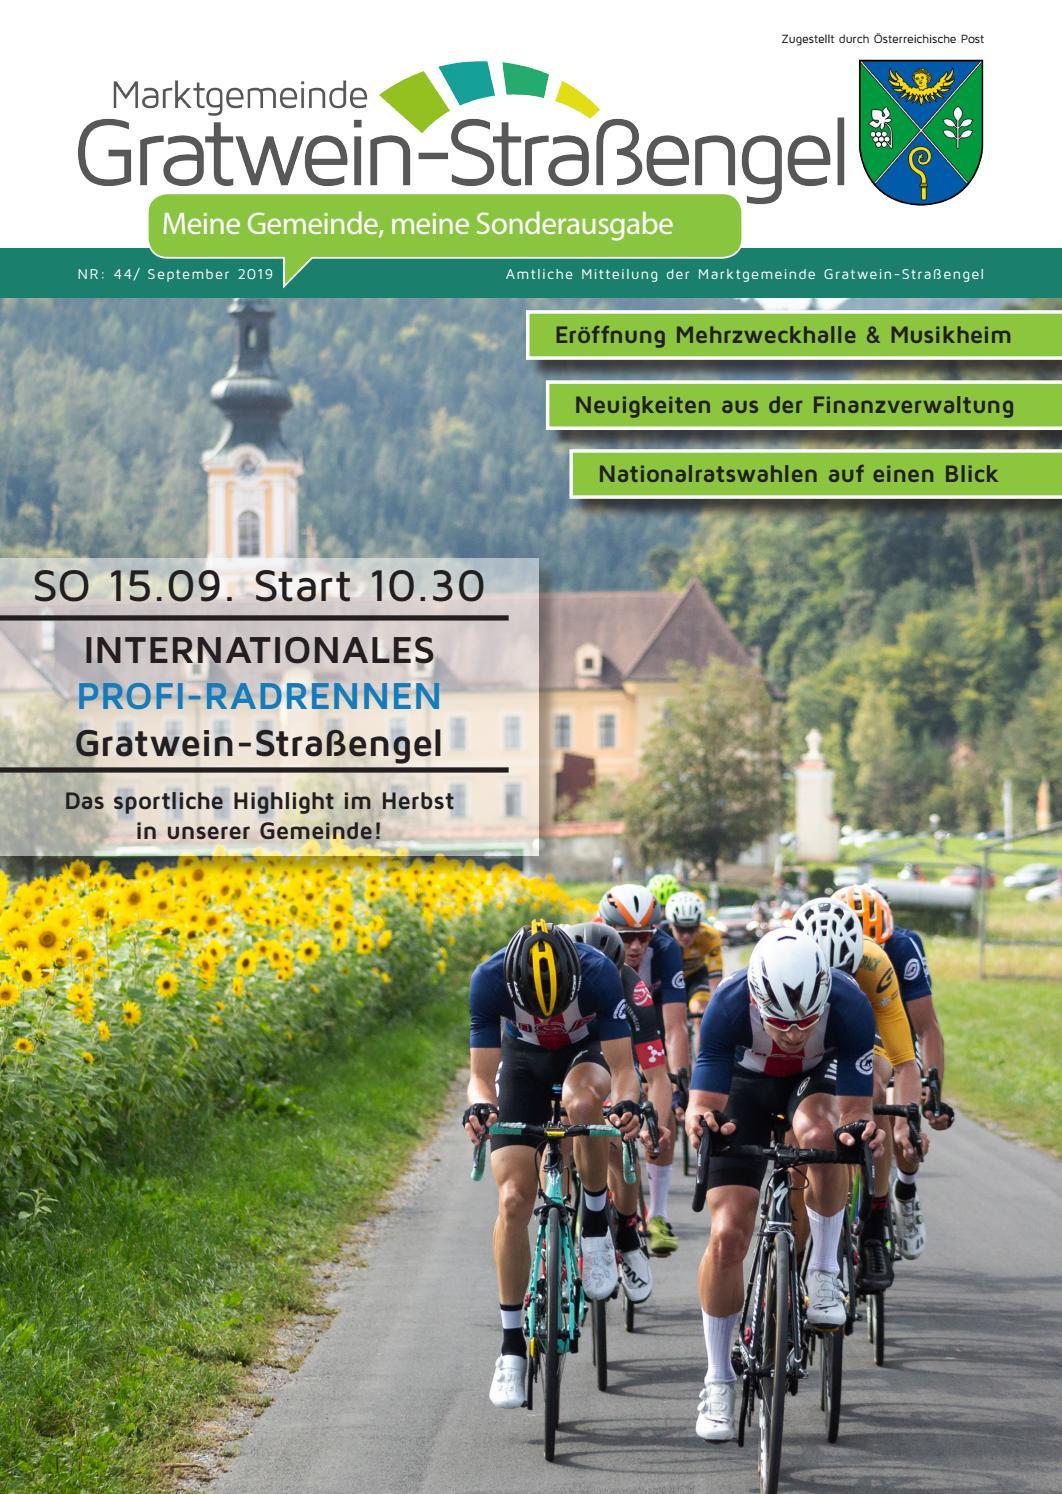 Singlespeed fahrrad in gratwein-straengel Sexdate internet